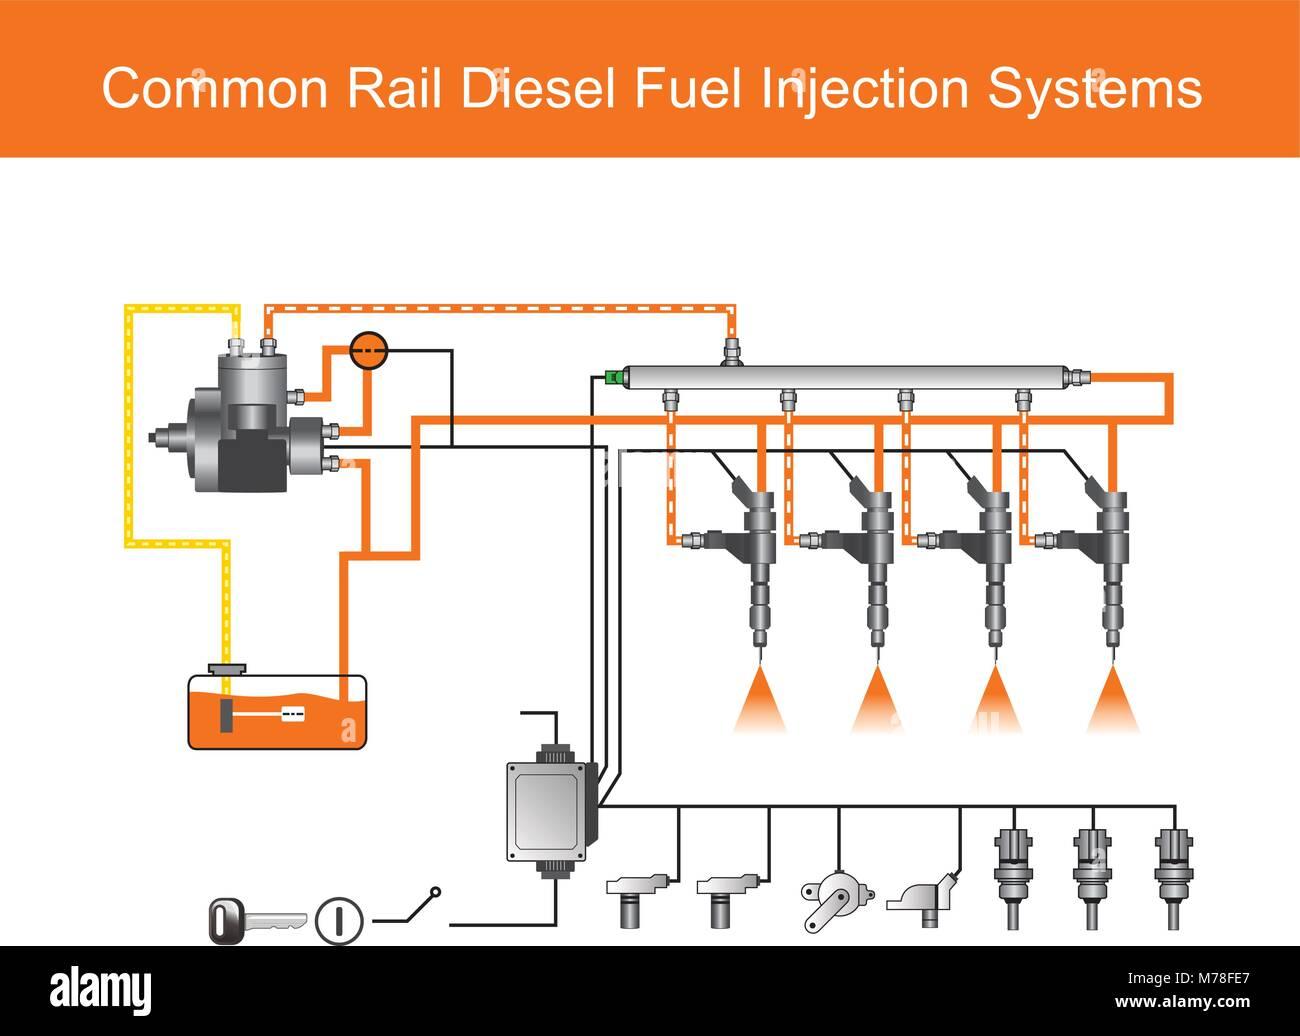 Sistema de inyección diesel common rail